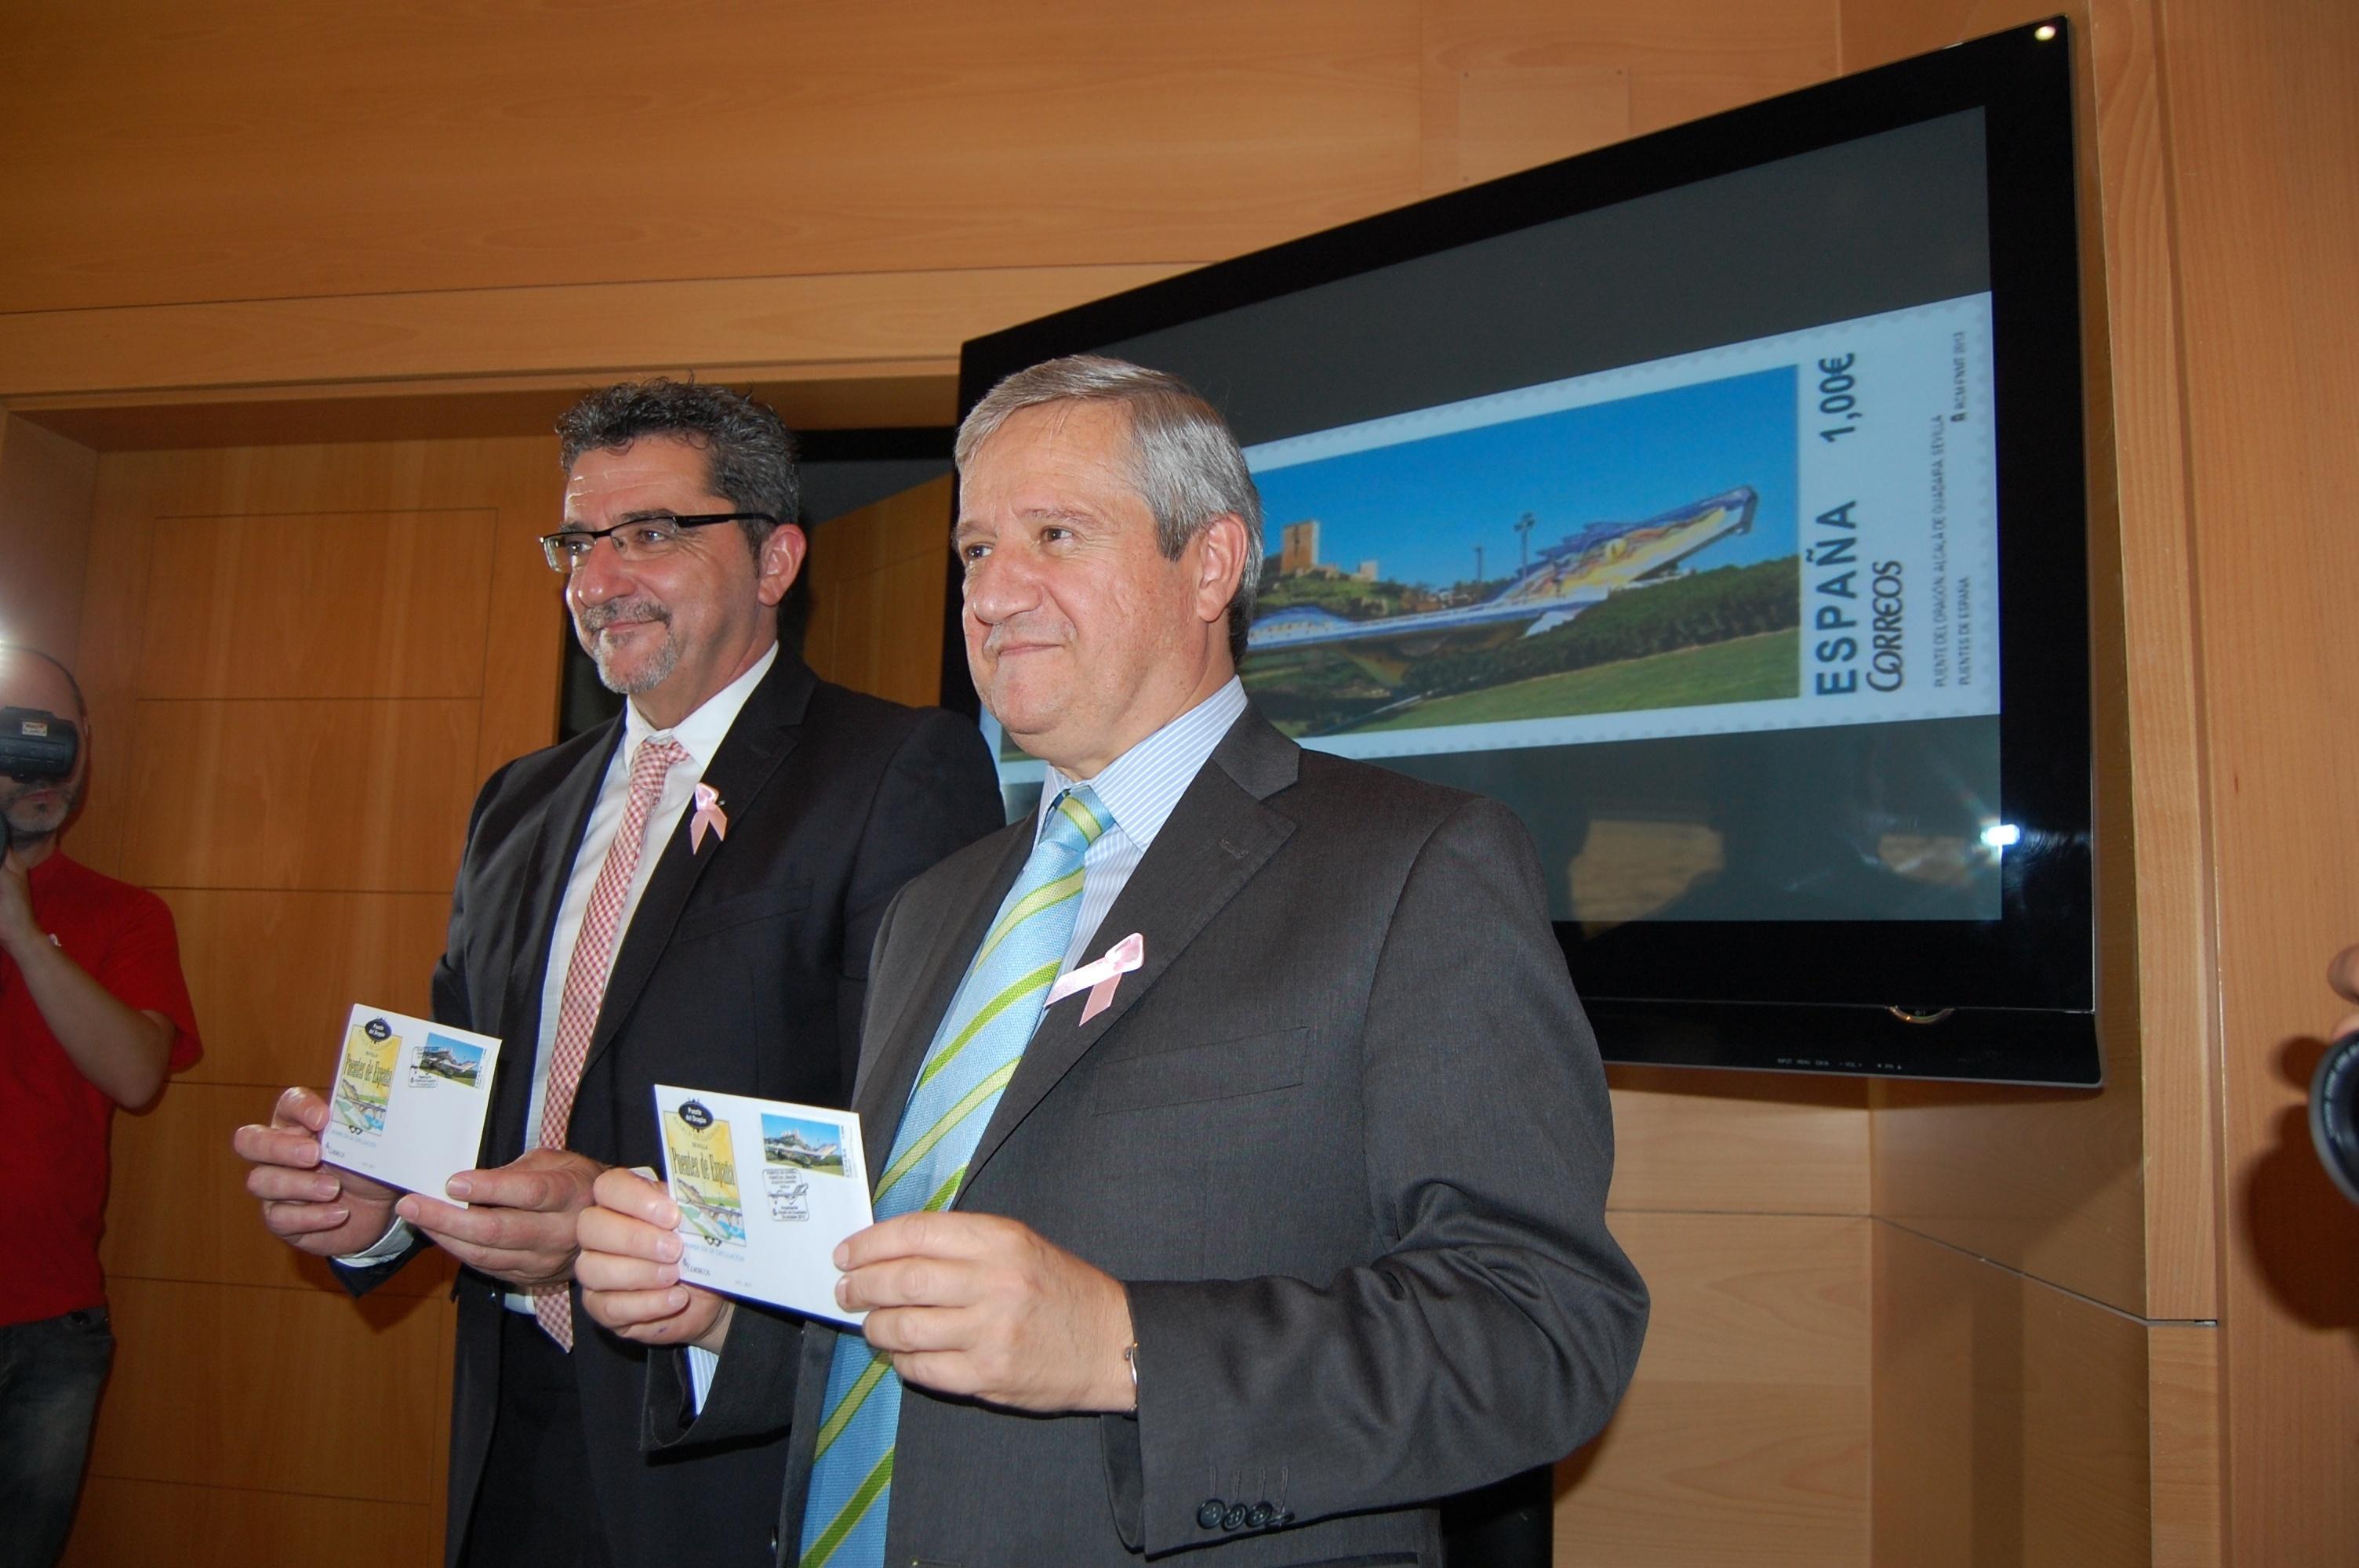 El alcalde de Alcalá de Guadaíra y el presidente de Correos presentan el sello dedicado al Puente del Dragón